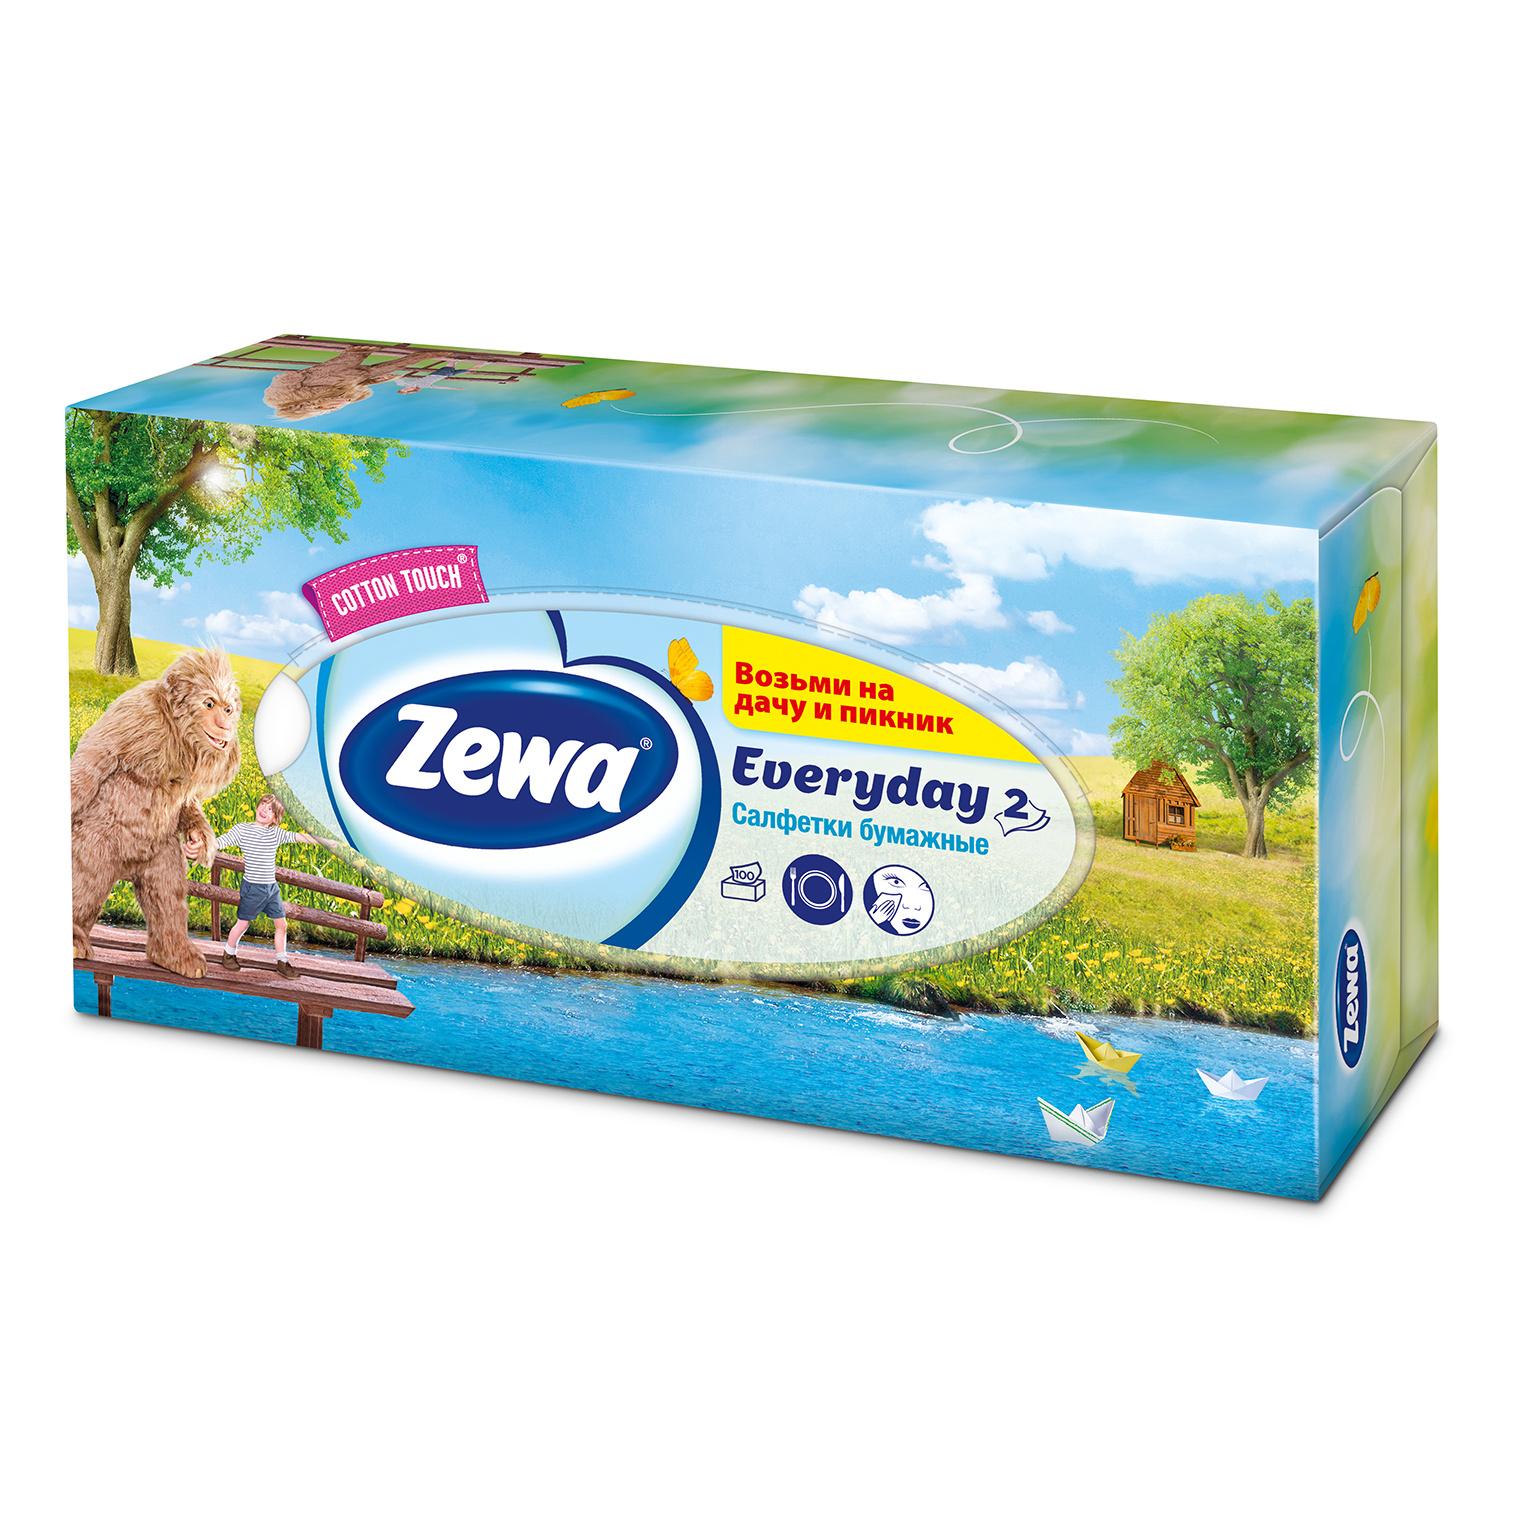 Салфетки Zewa Everyday бумажные косметические 2 слоя 100 штук фото